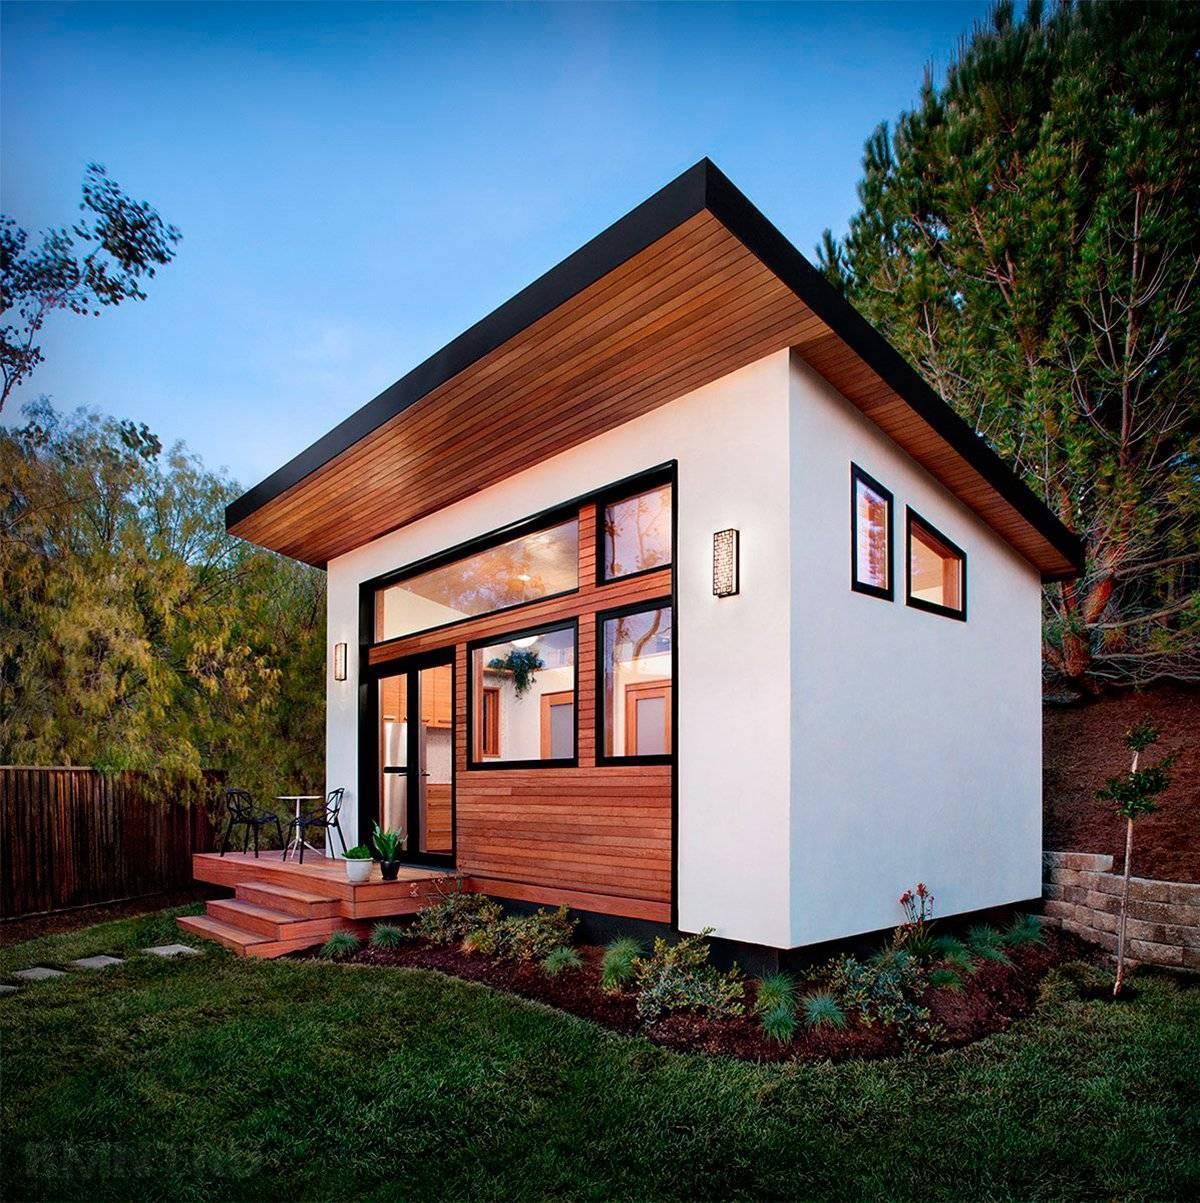 Планировка квартир в типовых домах - виды, размеры, типы, схемы